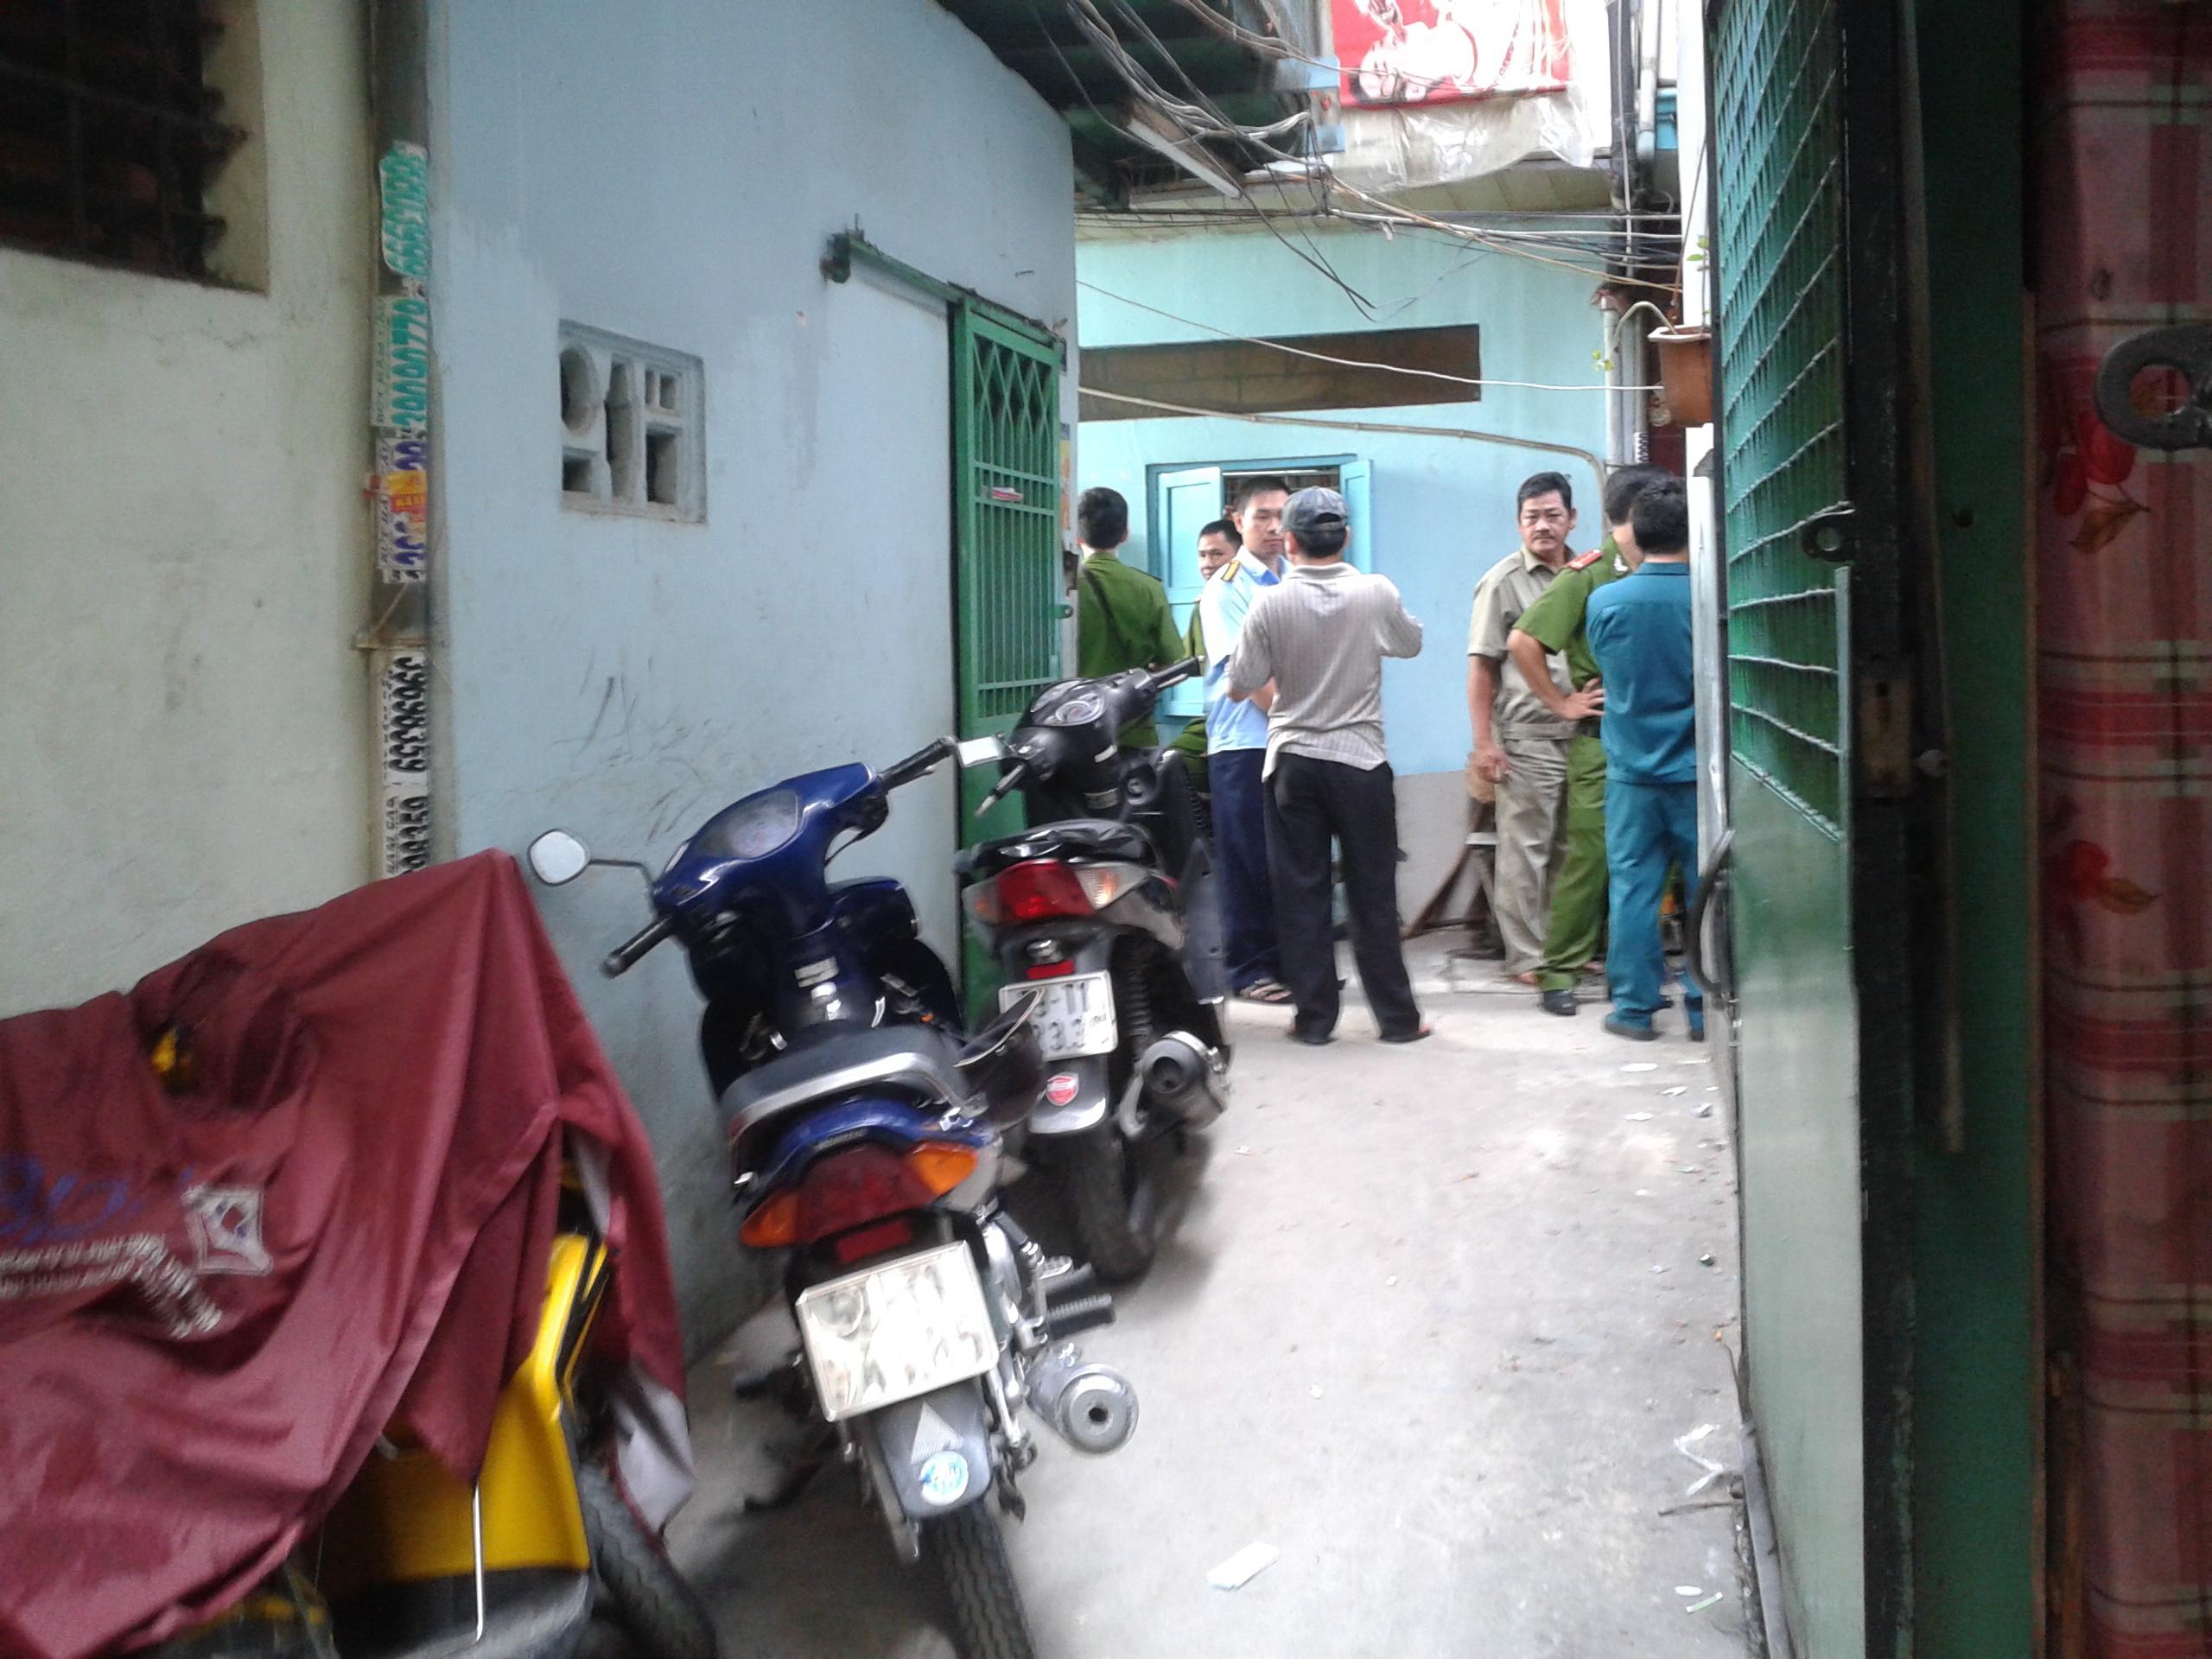 Hẻm TK 53 Nguyễn Cảnh Chân, phường Cầu Kho, quận 1